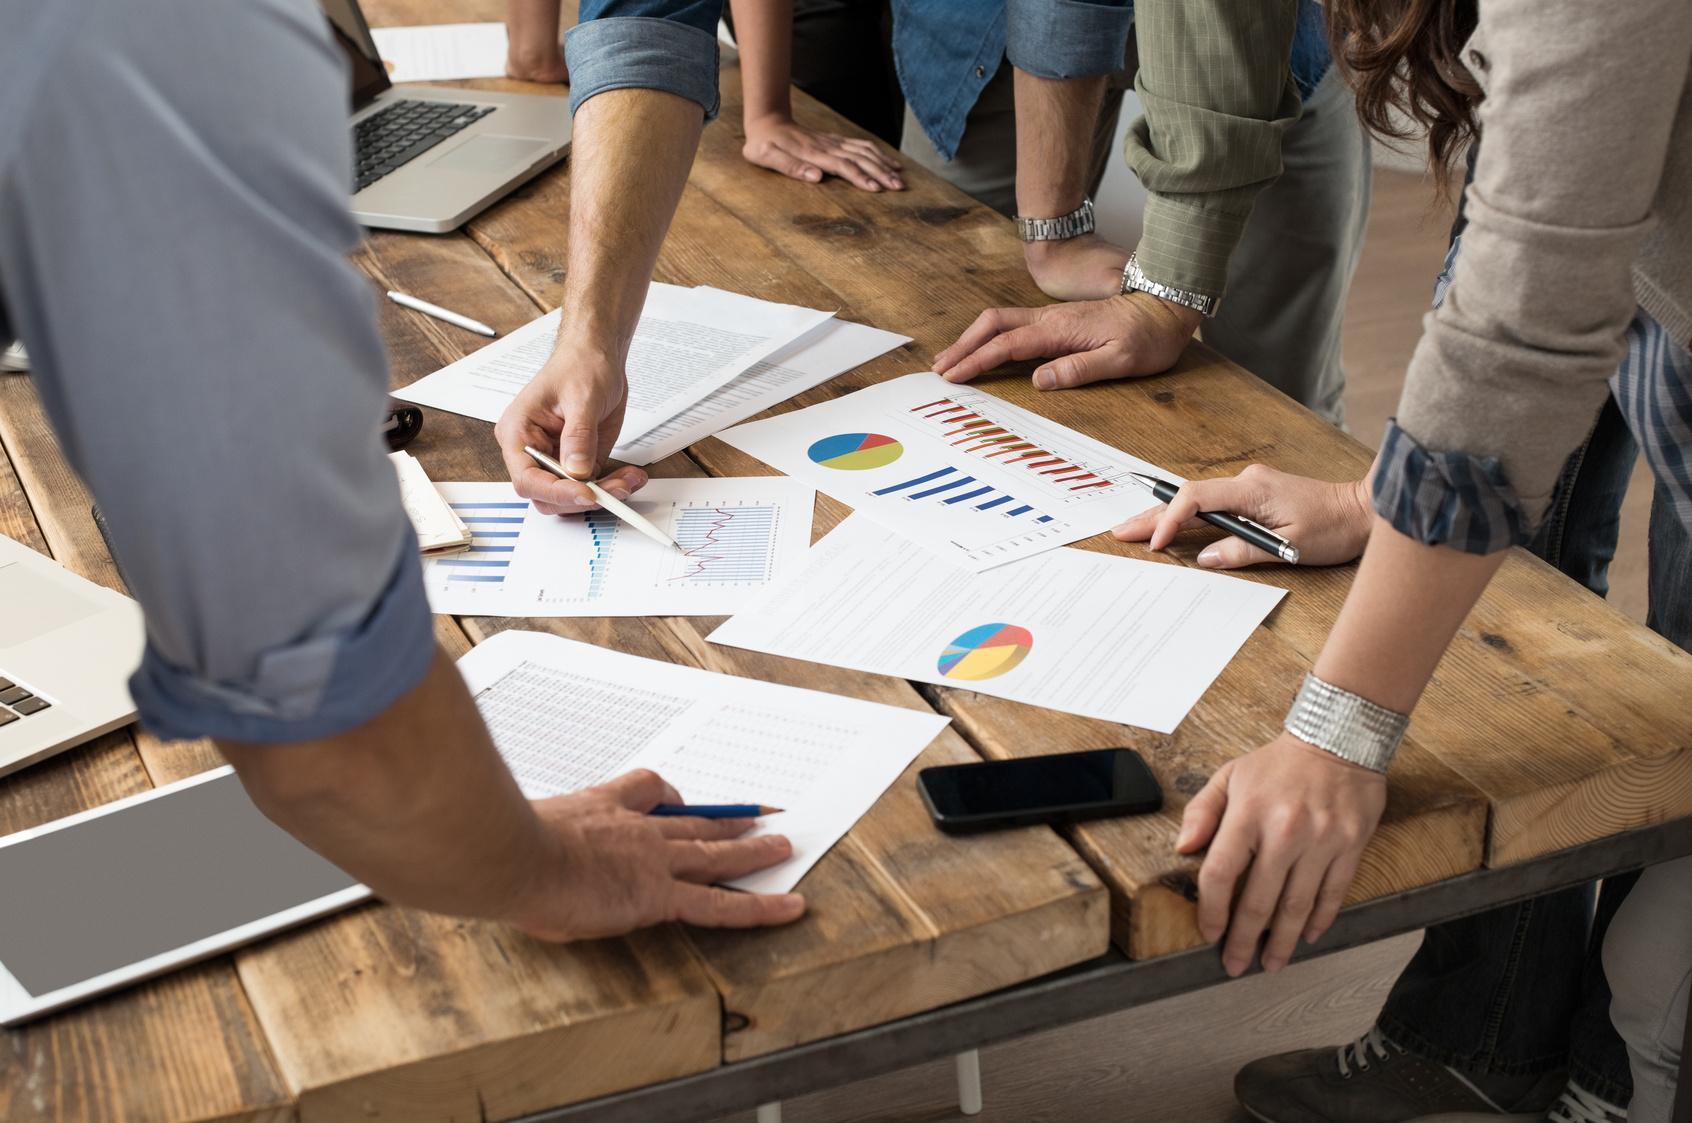 IP BOX. Narzędzie wspierające innowacyjność wśród przedsiębiorców. Część I